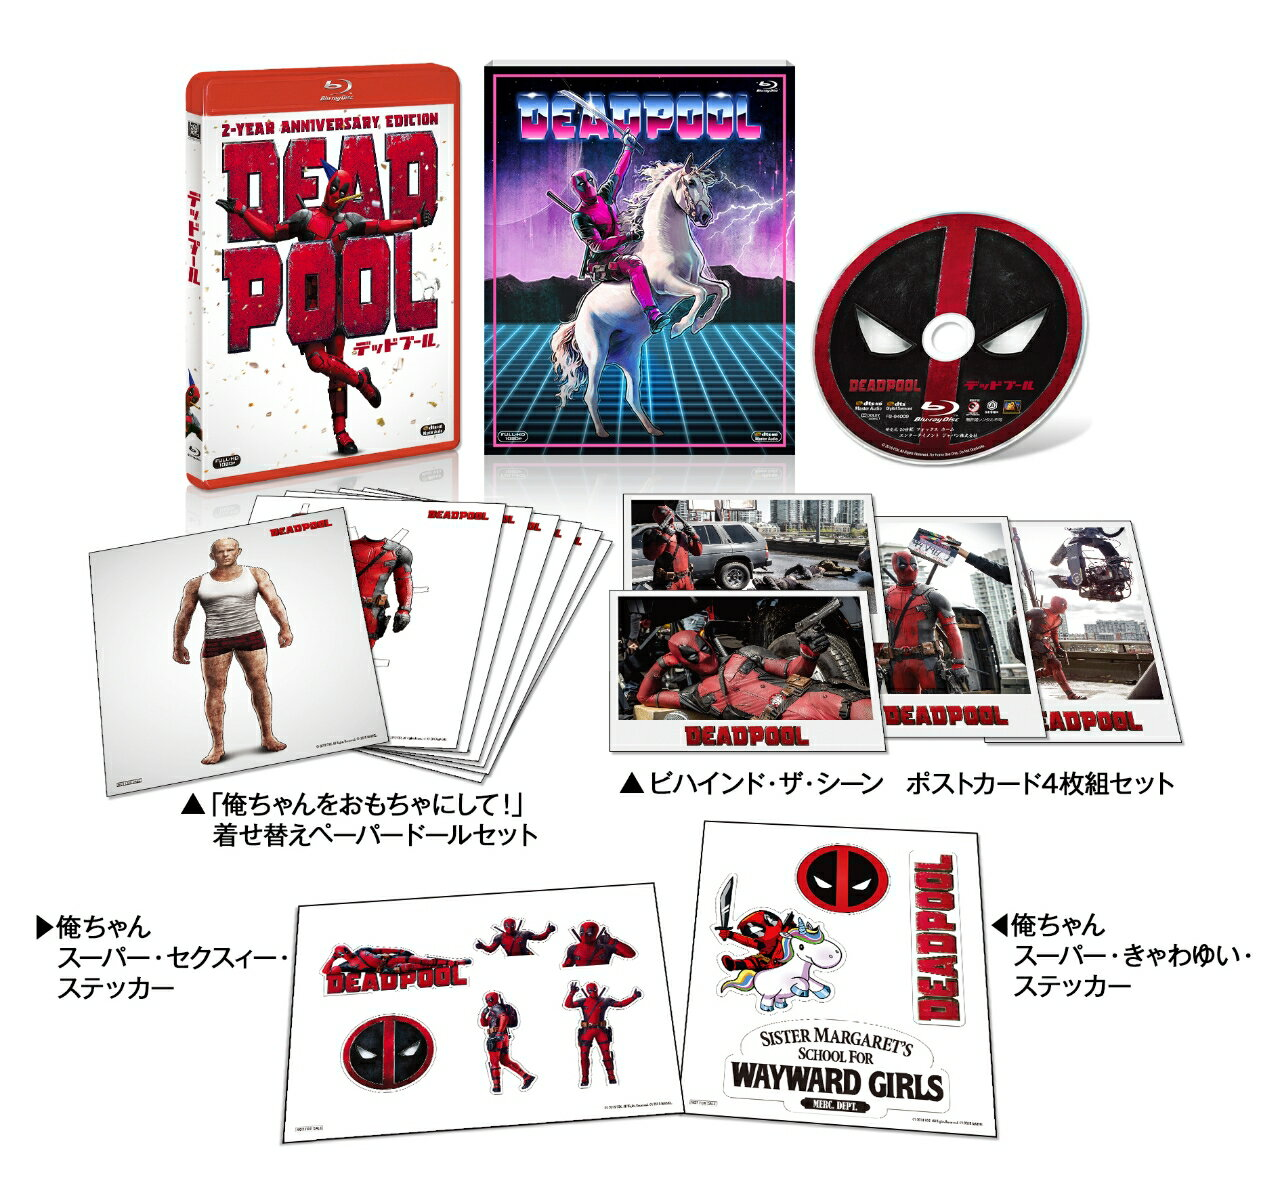 デッドプール アニバーサリー・エディション(数量限定生産)【Blu-ray】 [ ライアン・レイノルズ ]